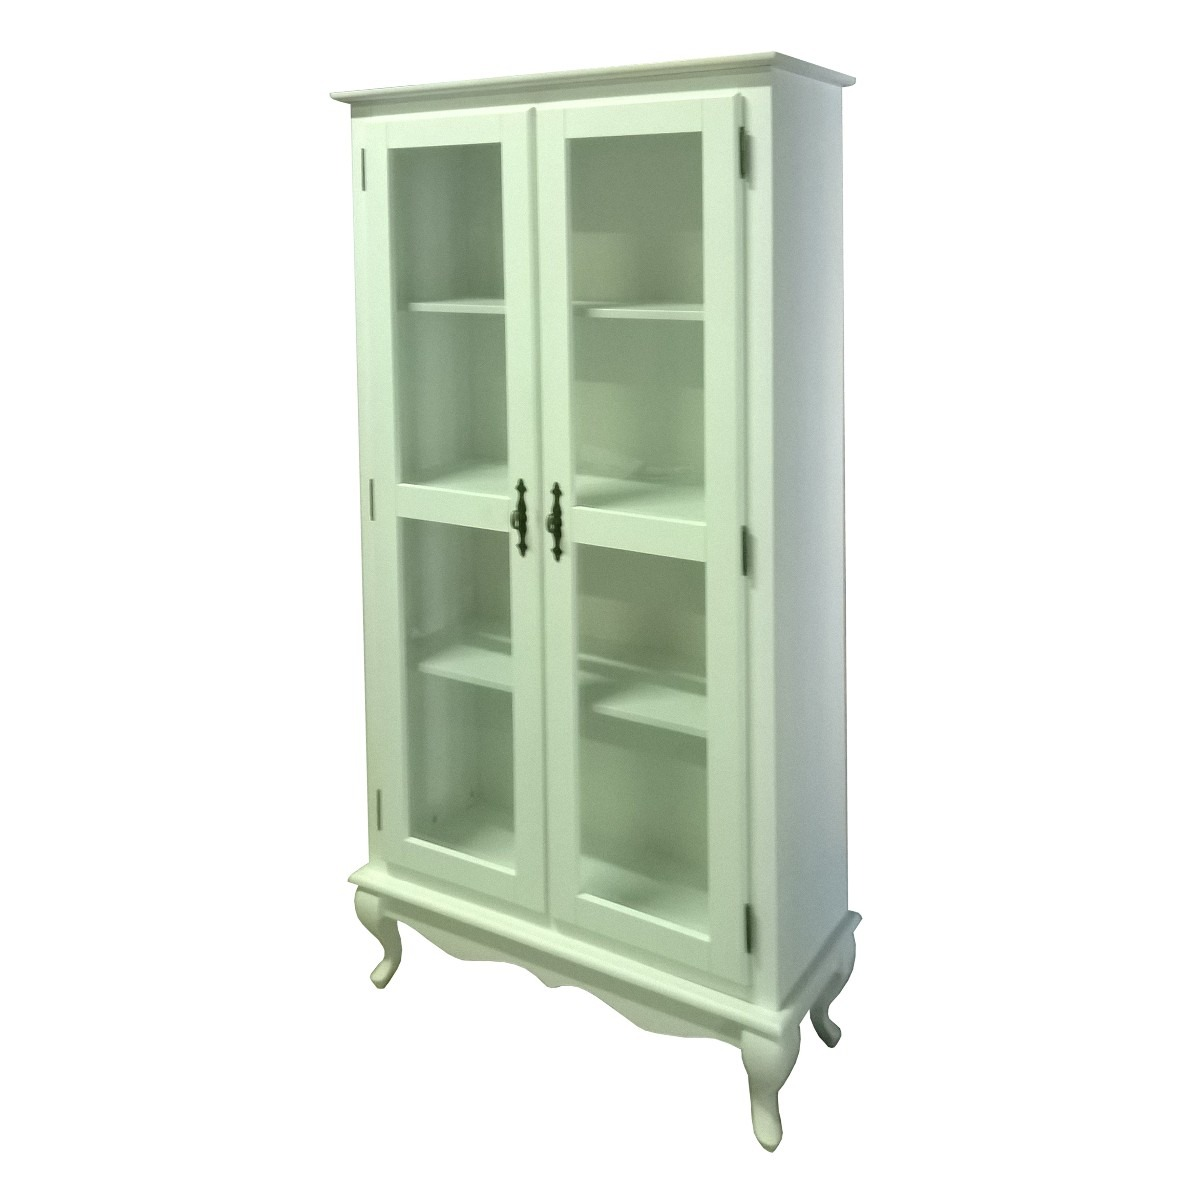 Cristaleira Com Duas Portas De Vidro R$ 798 00 em Mercado Livre #578348 1200 1200